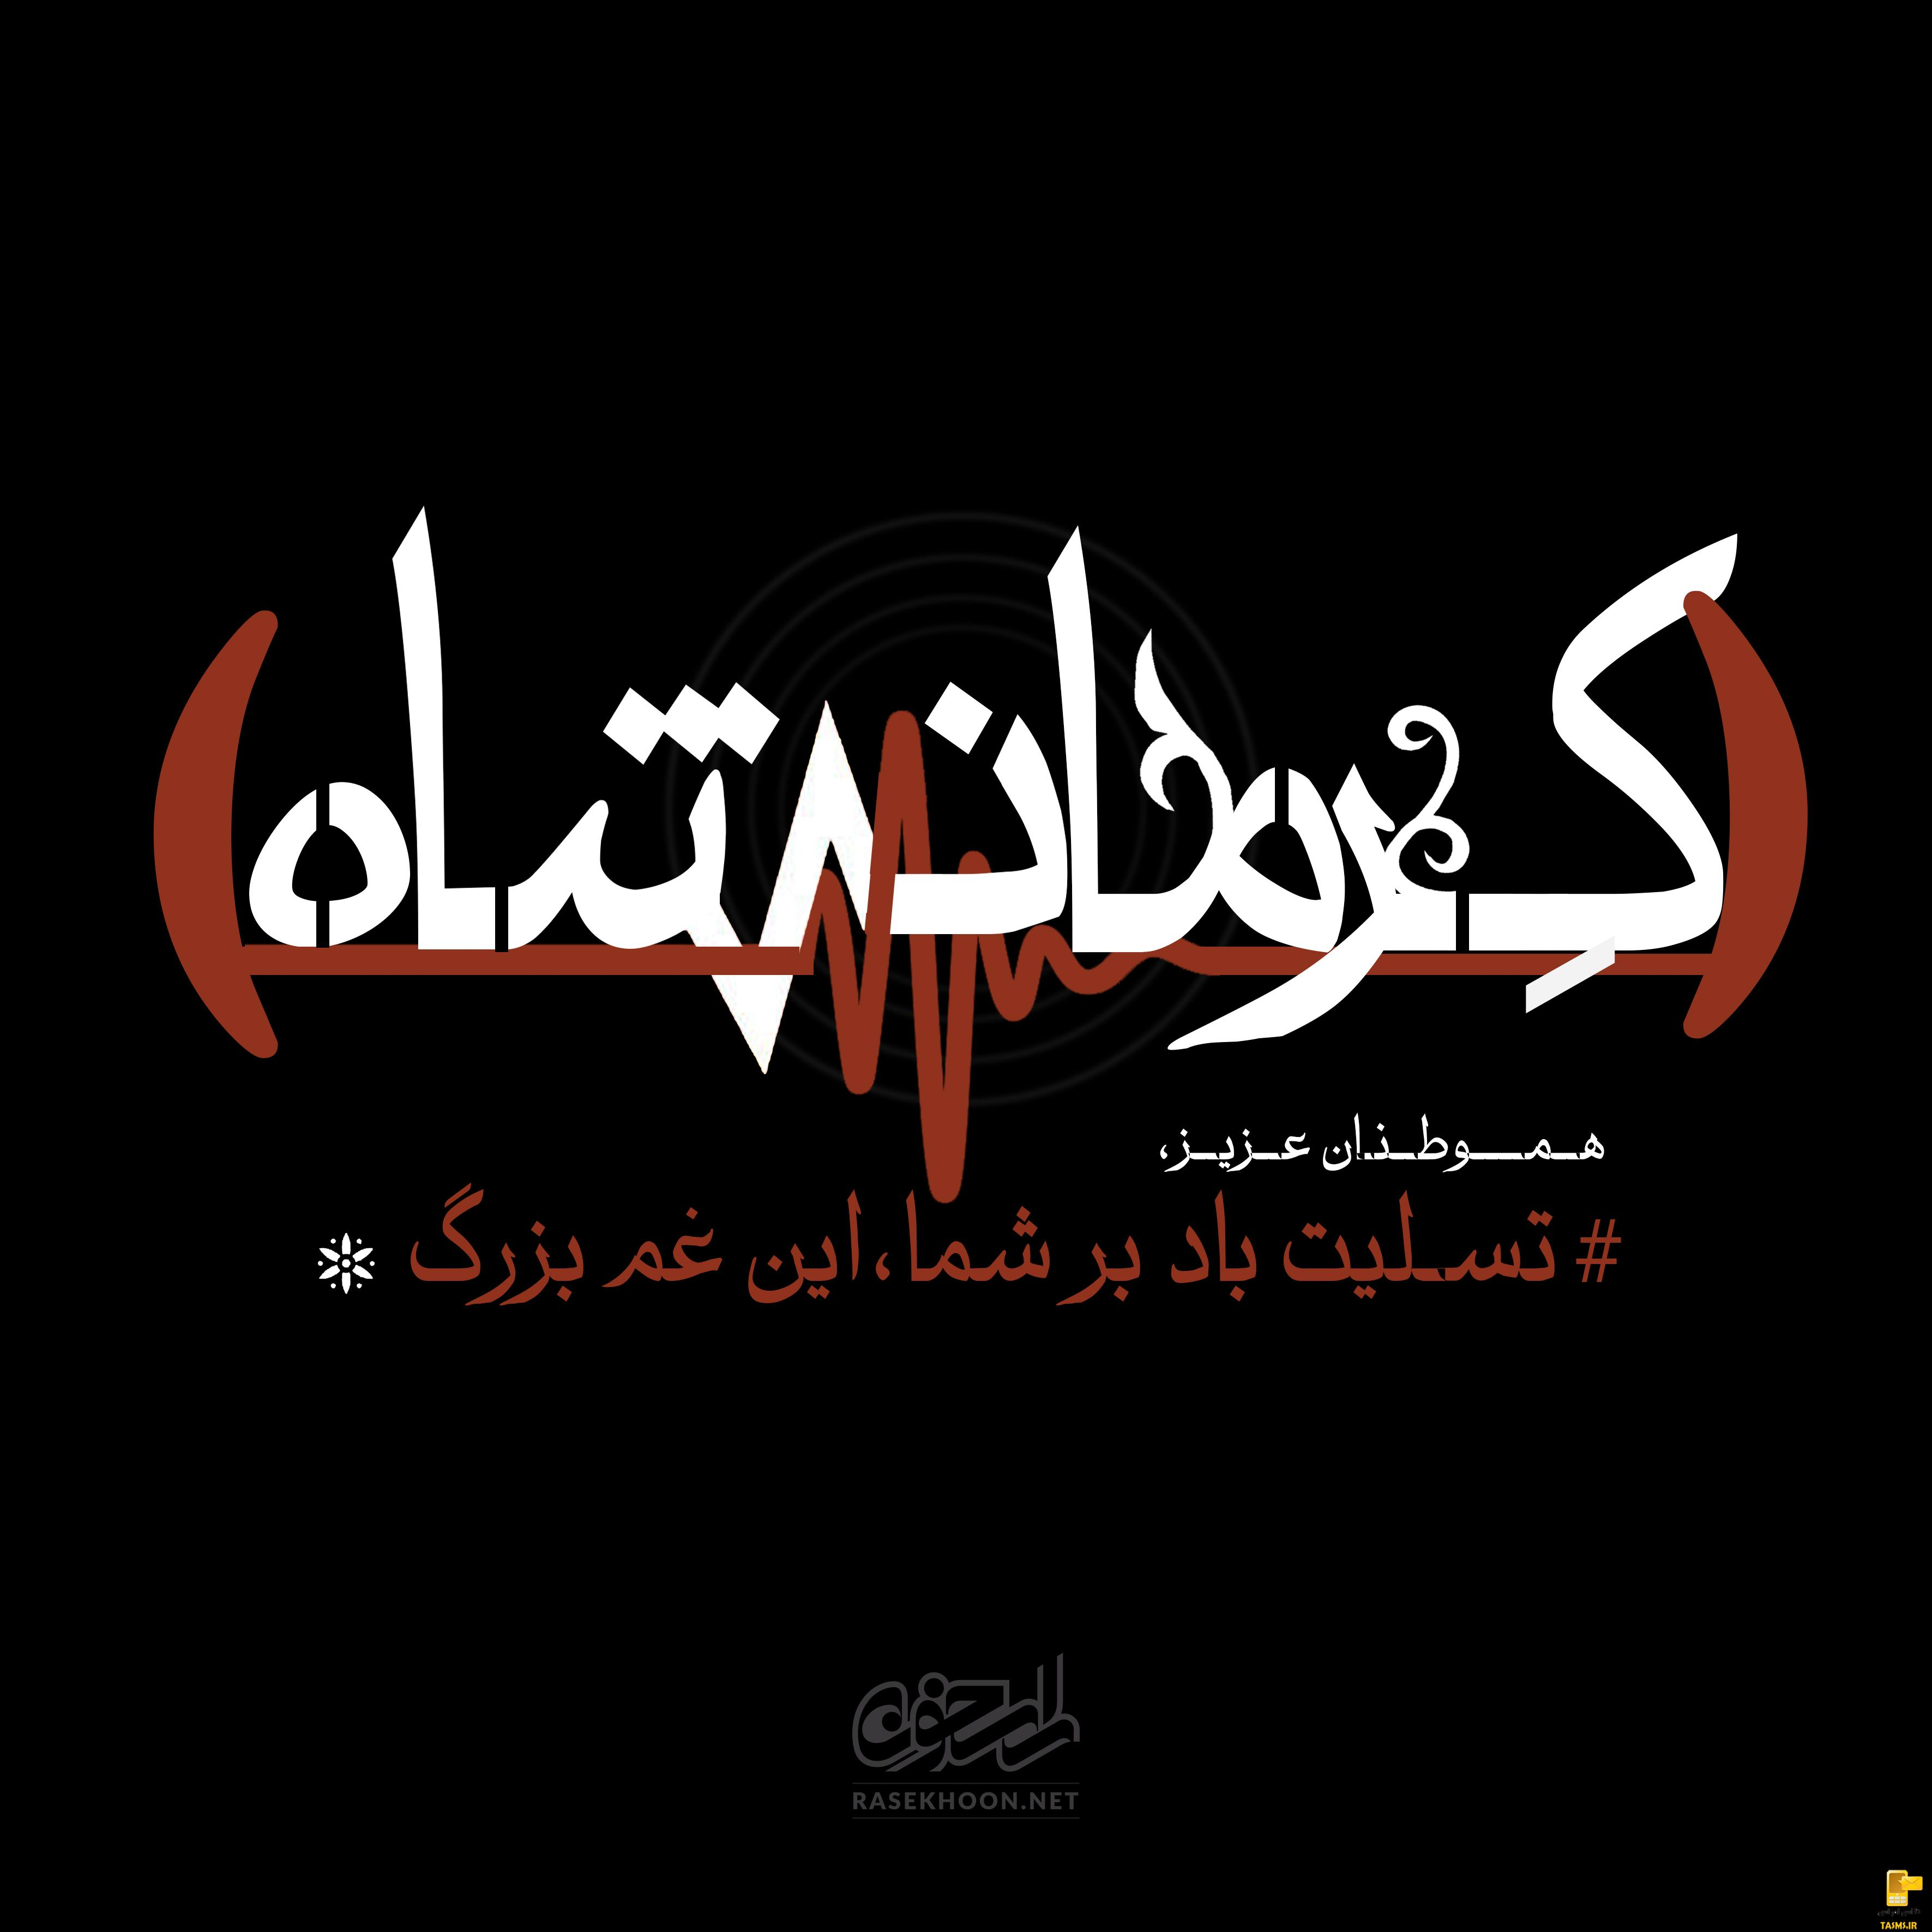 دانلود آهنگ جدید محمد امیری (آواره) به نام کرماشانم رو